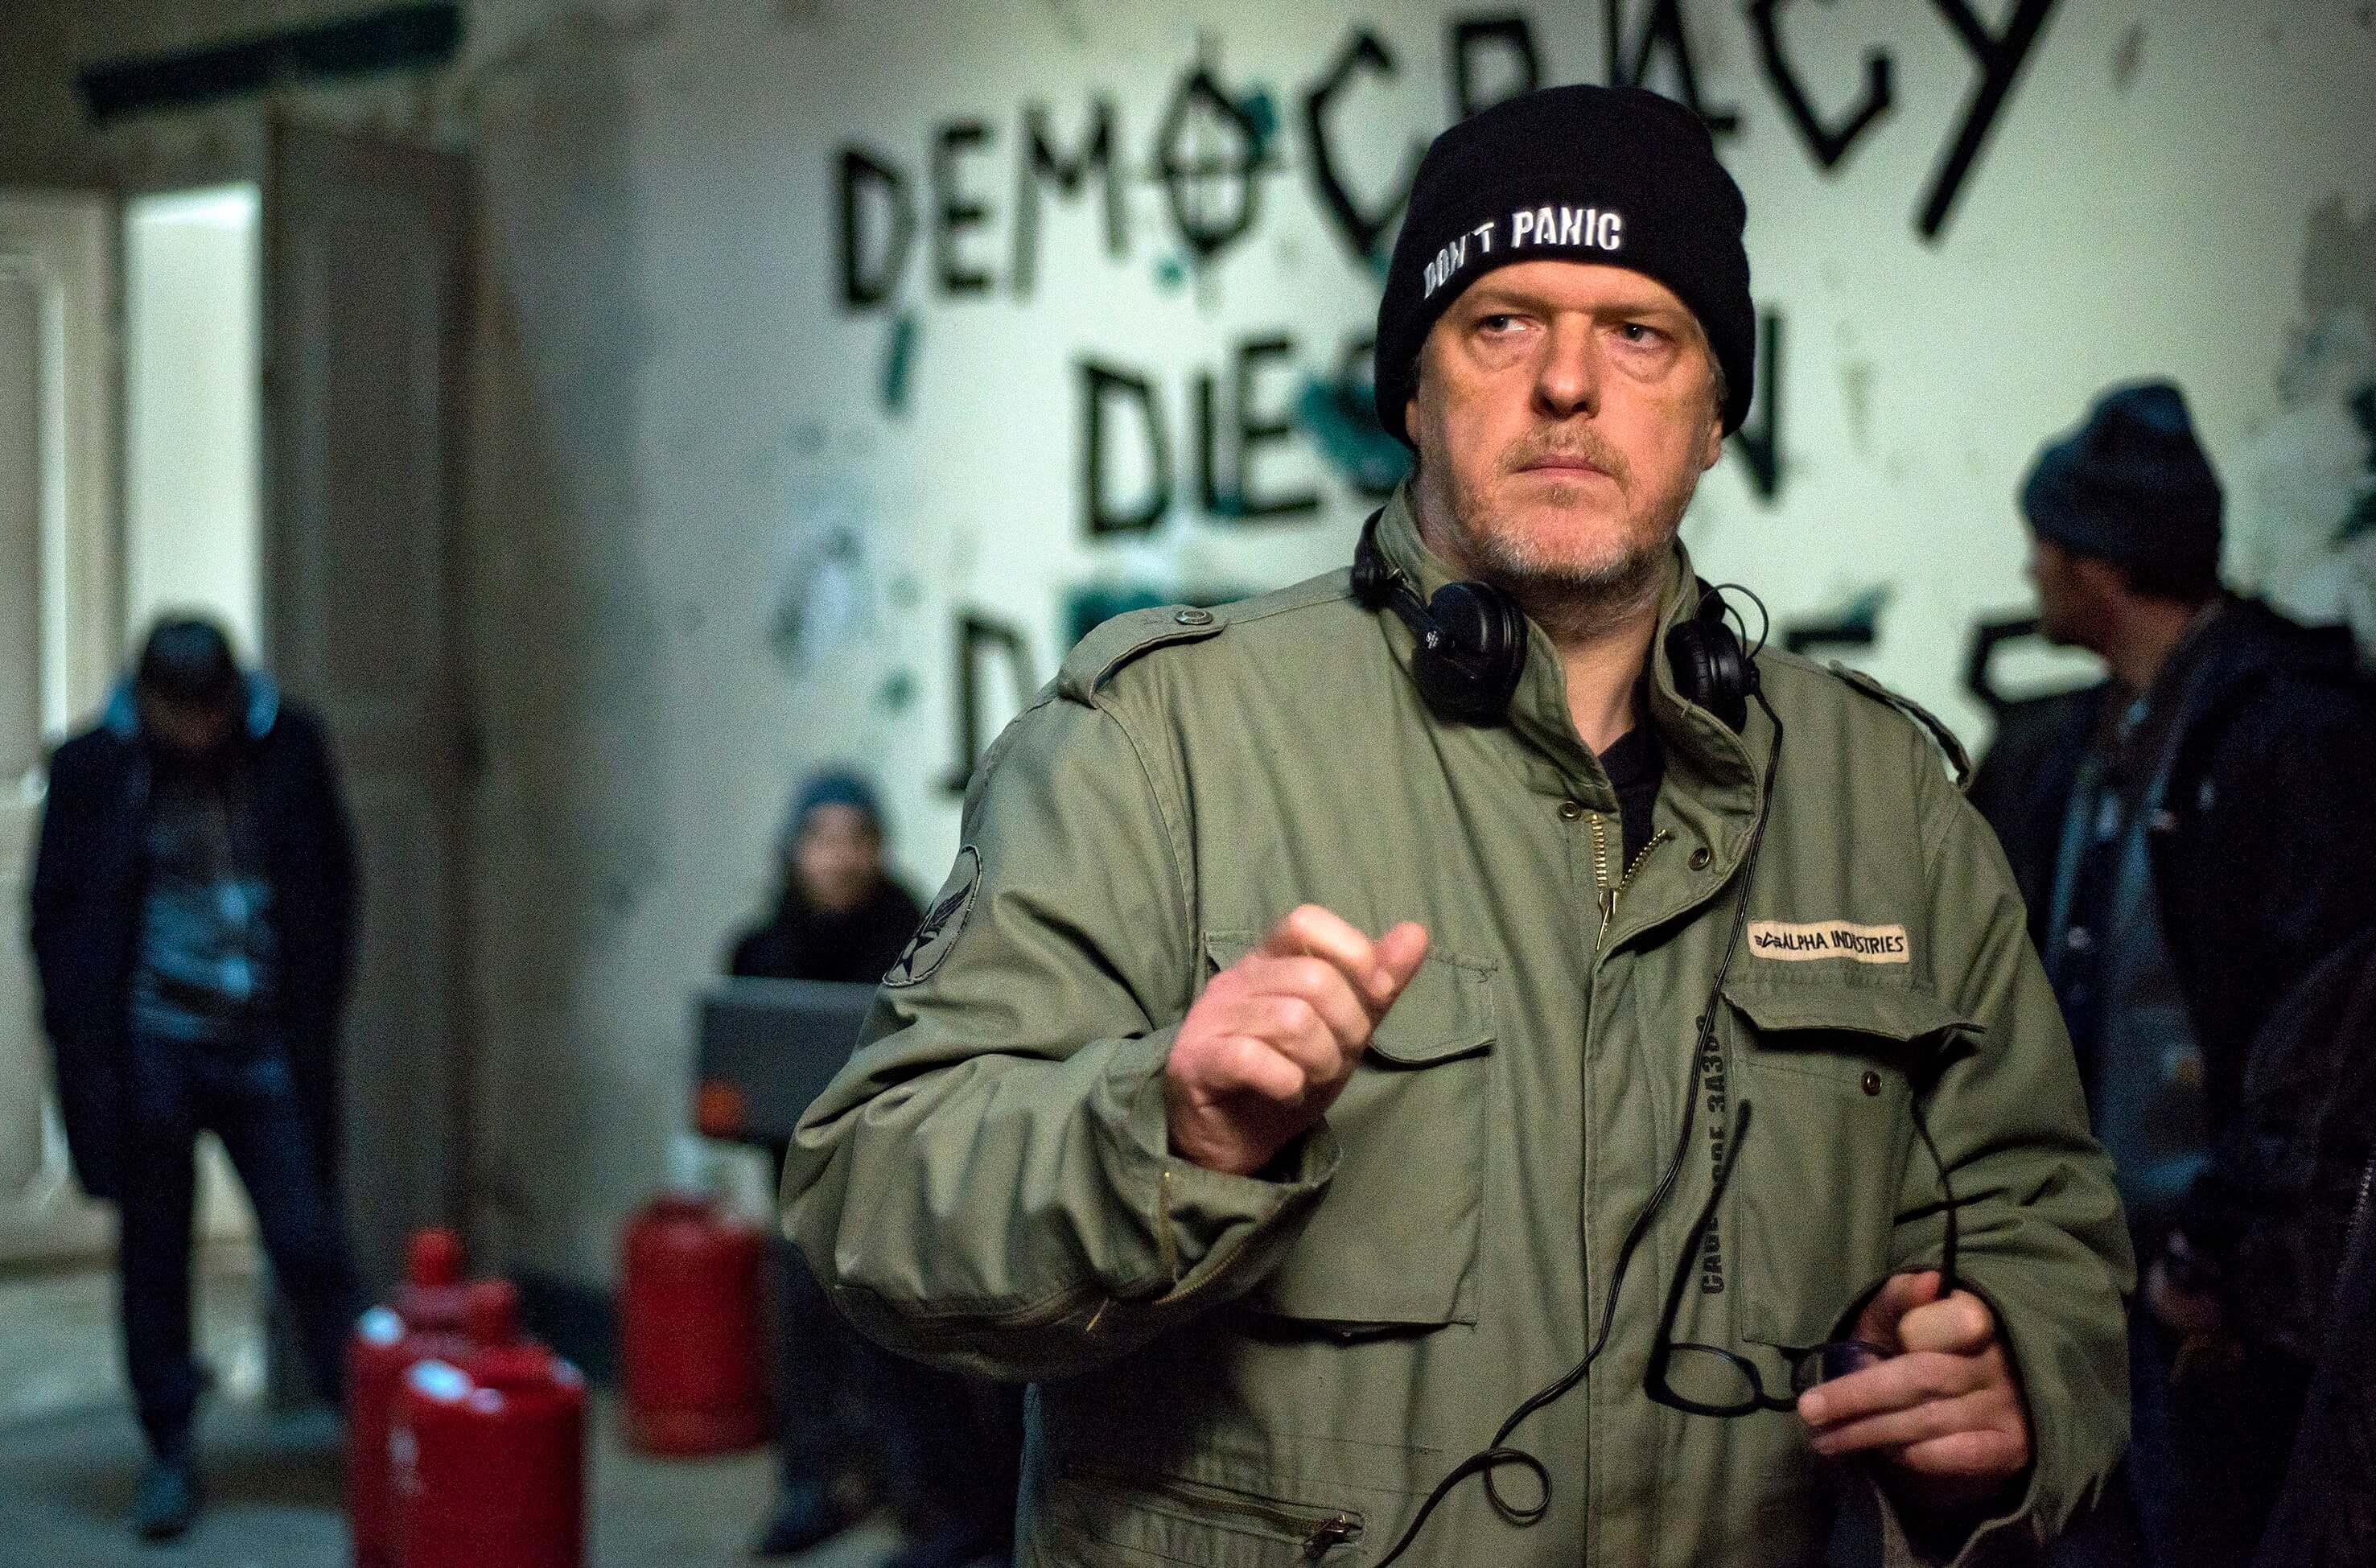 Polizeiruf 110: Demokratie Stirbt In Finsternis